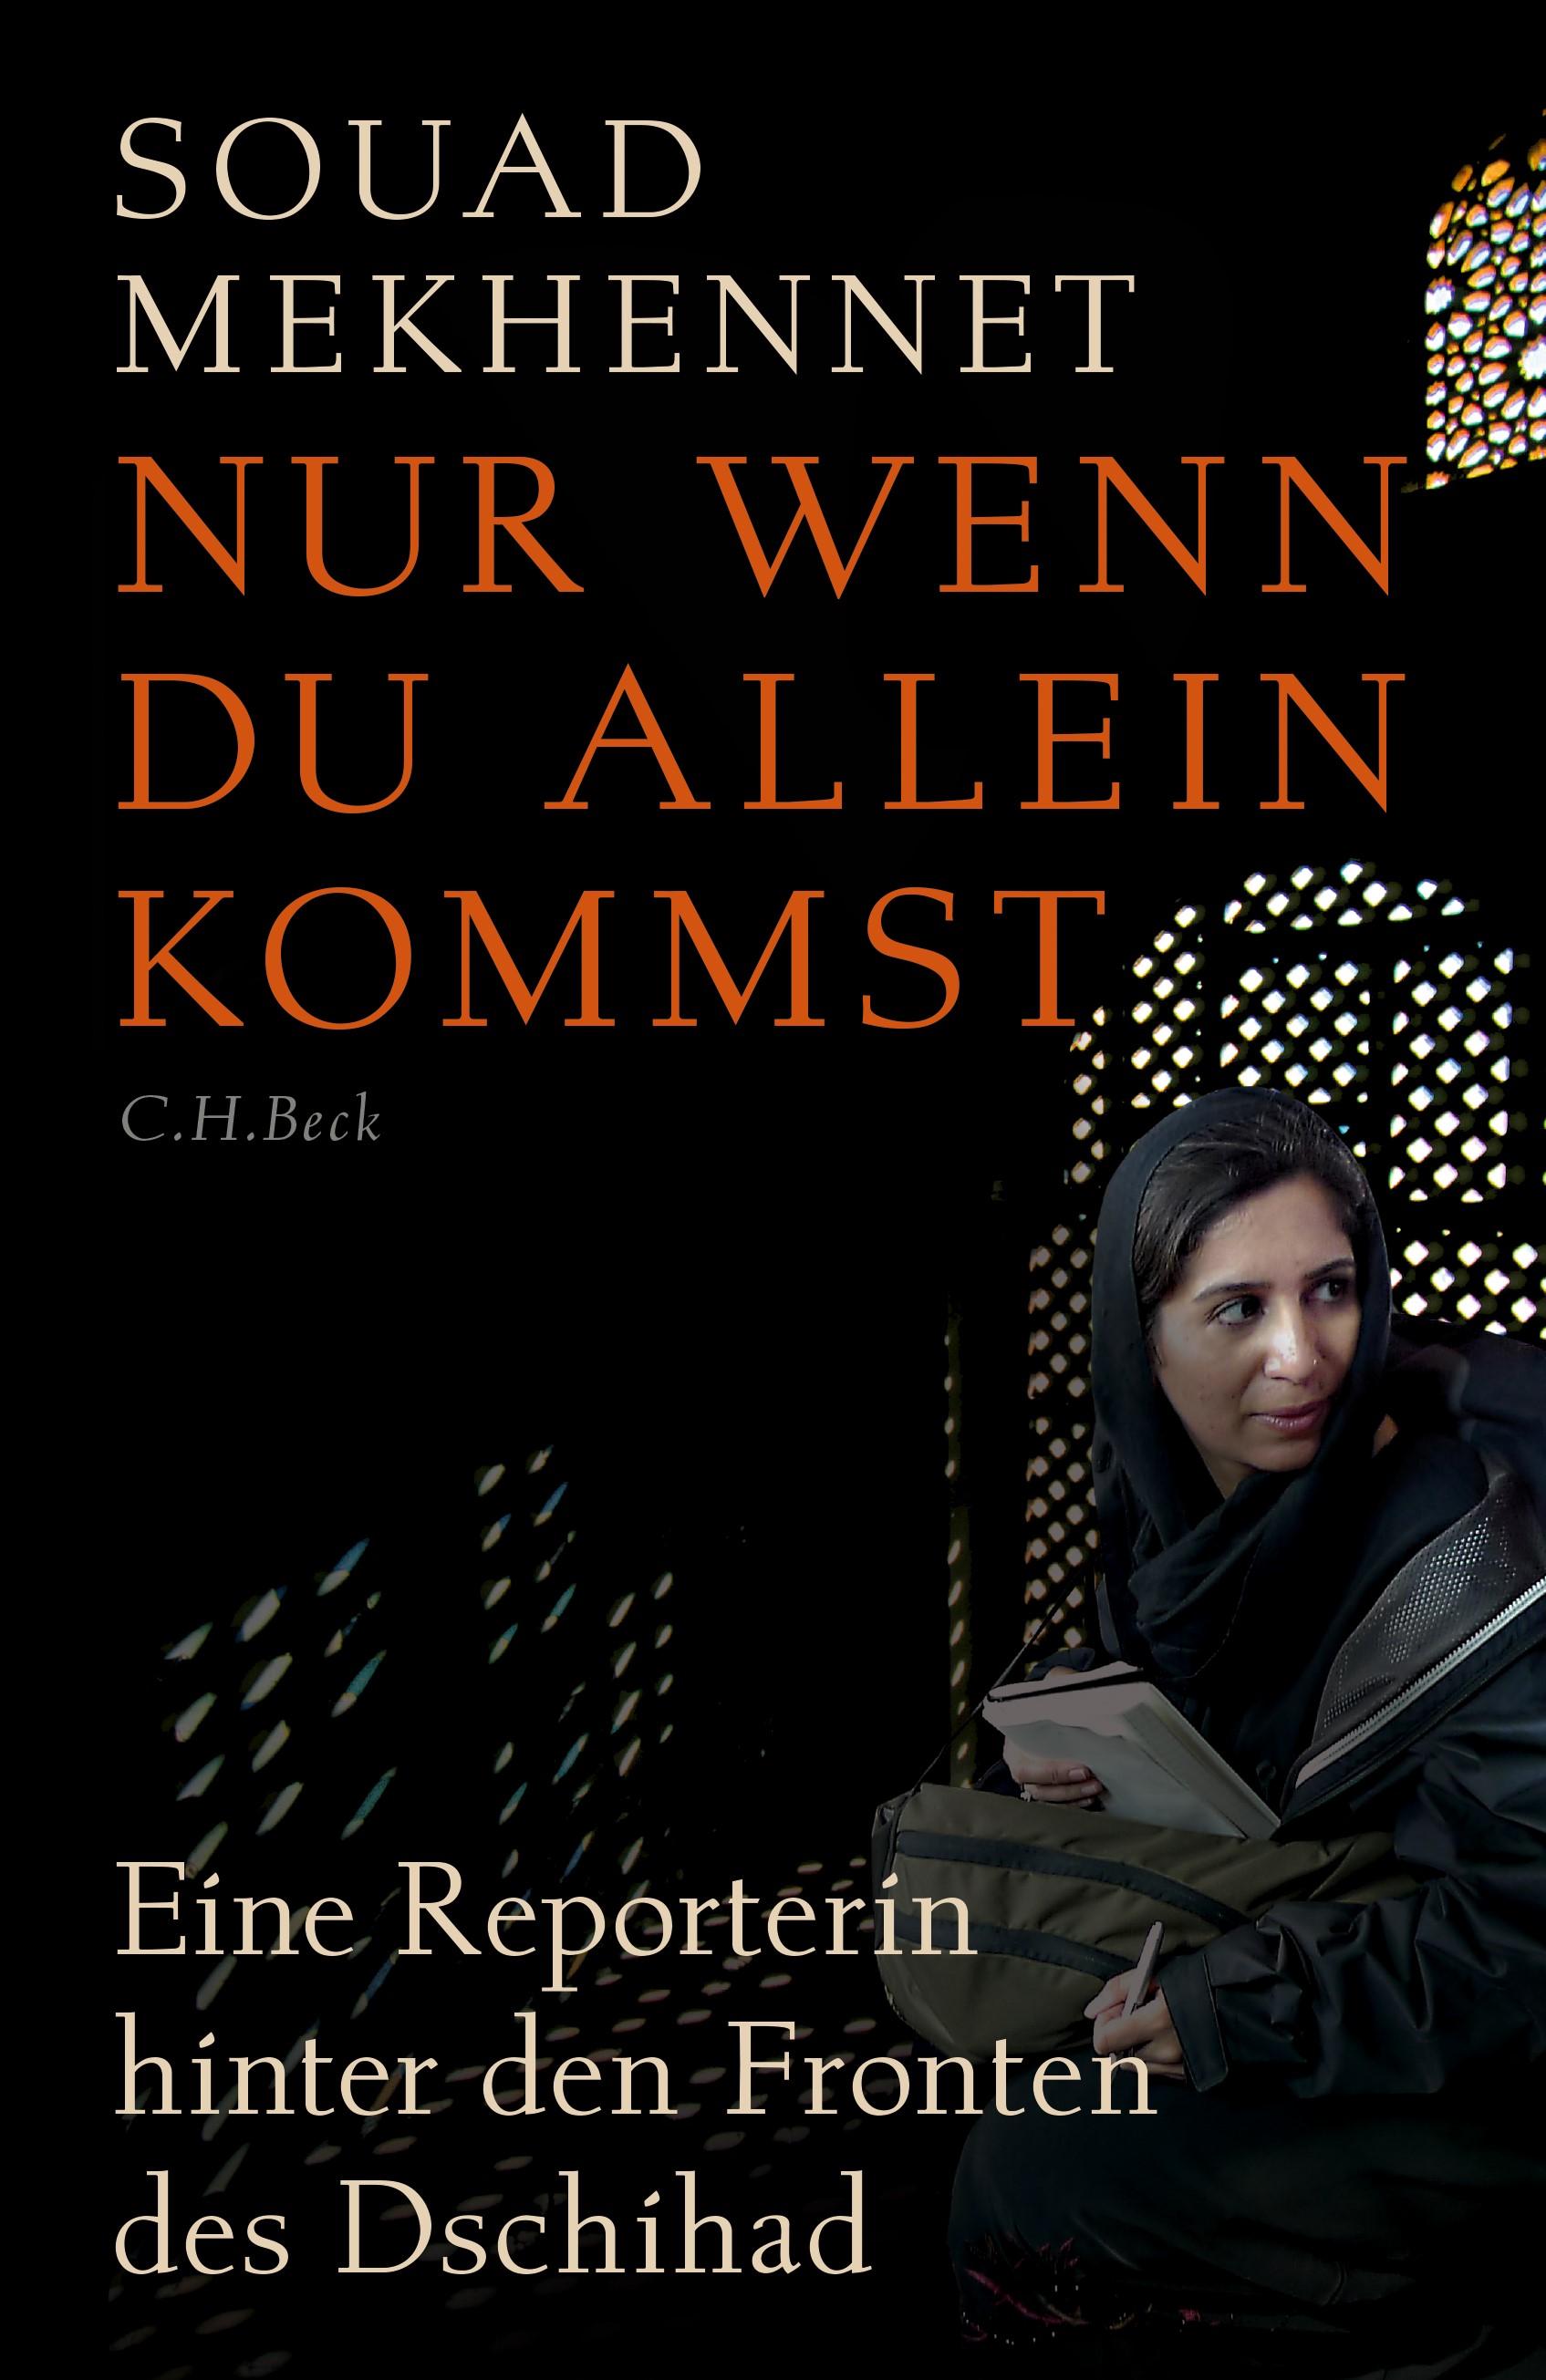 Abbildung von Mekhennet, Souad   Nur wenn du allein kommst   4. Auflage   2017